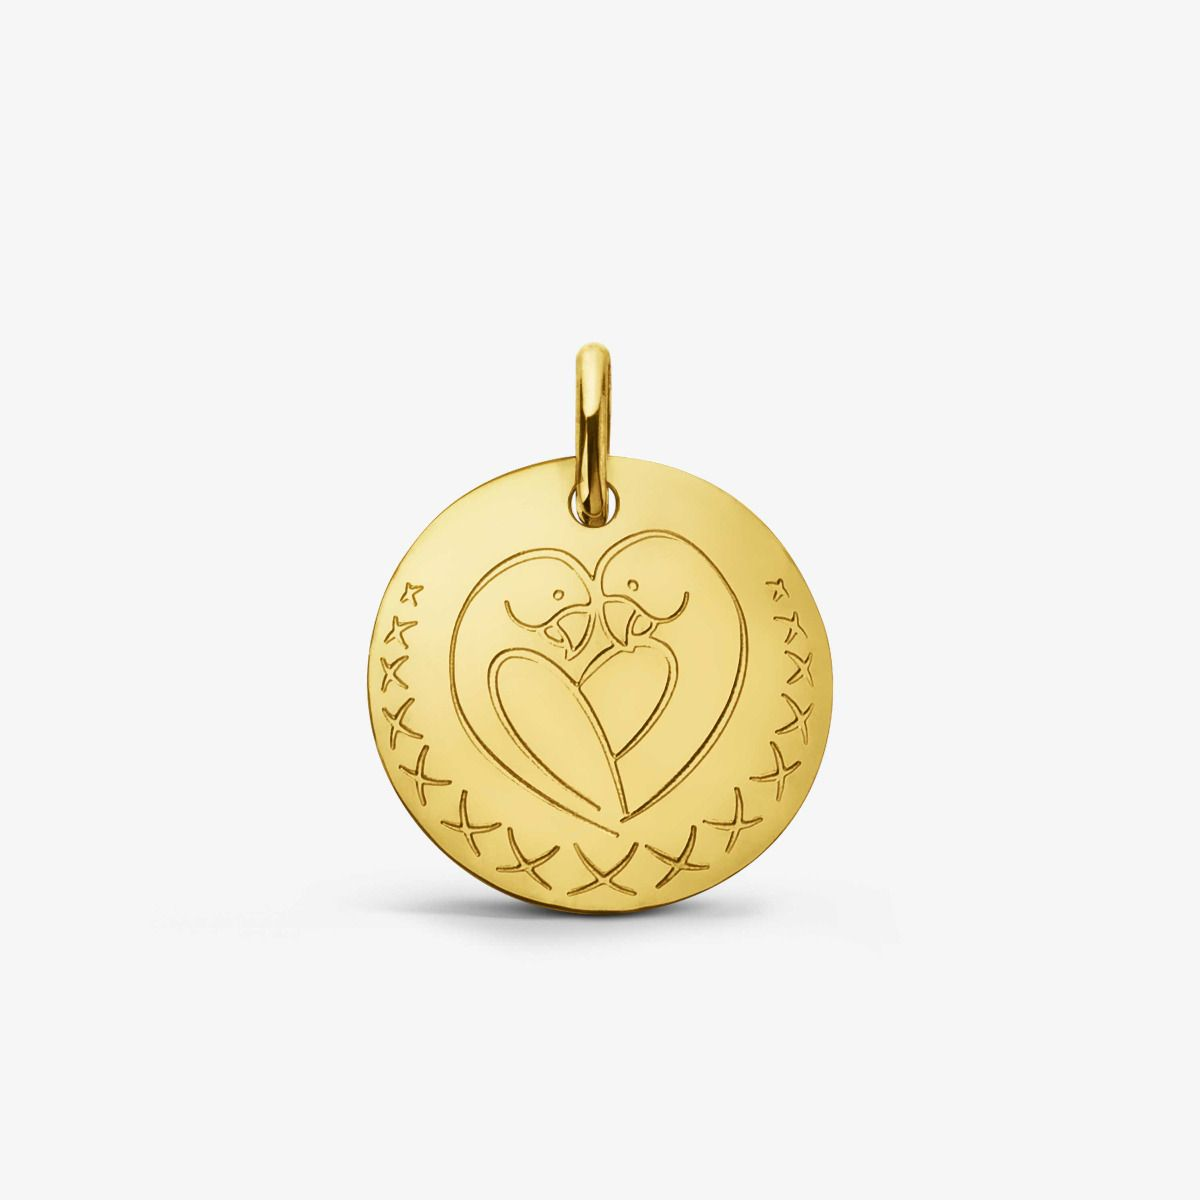 Médaille Love Bird Or Jaune 18 carats - 16 mm